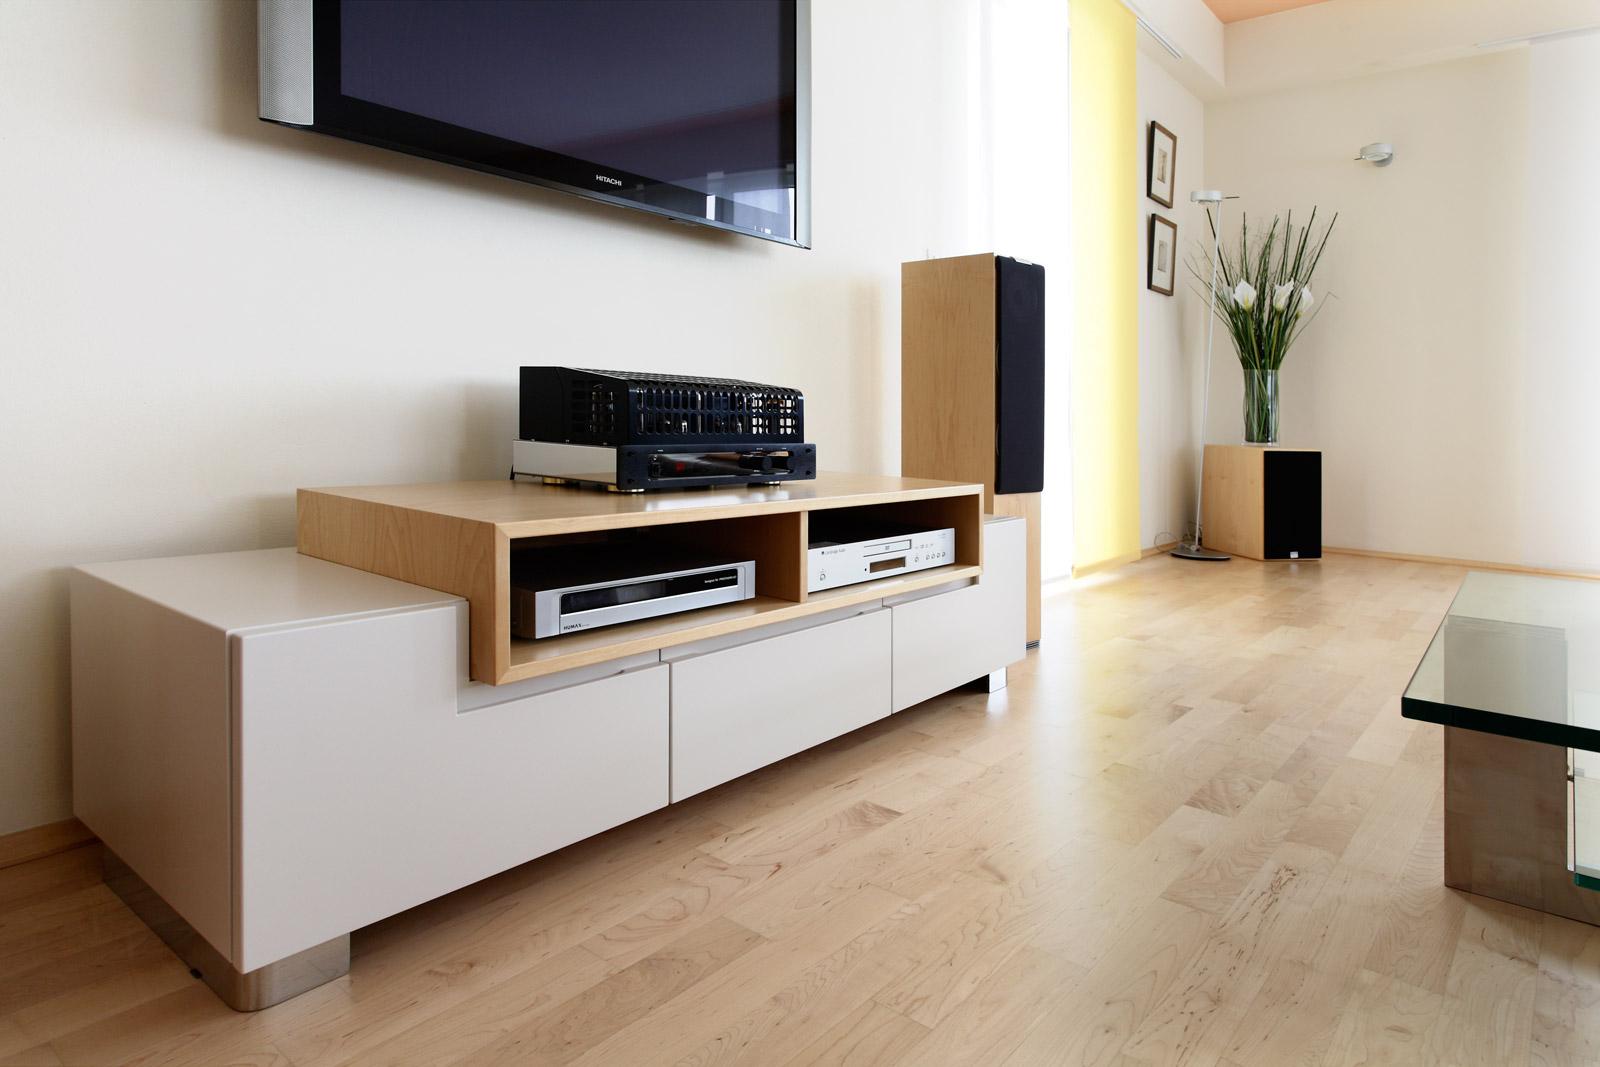 m belbau innenausbau fenster und t ren tischlerei giese liebelt in dortmund. Black Bedroom Furniture Sets. Home Design Ideas